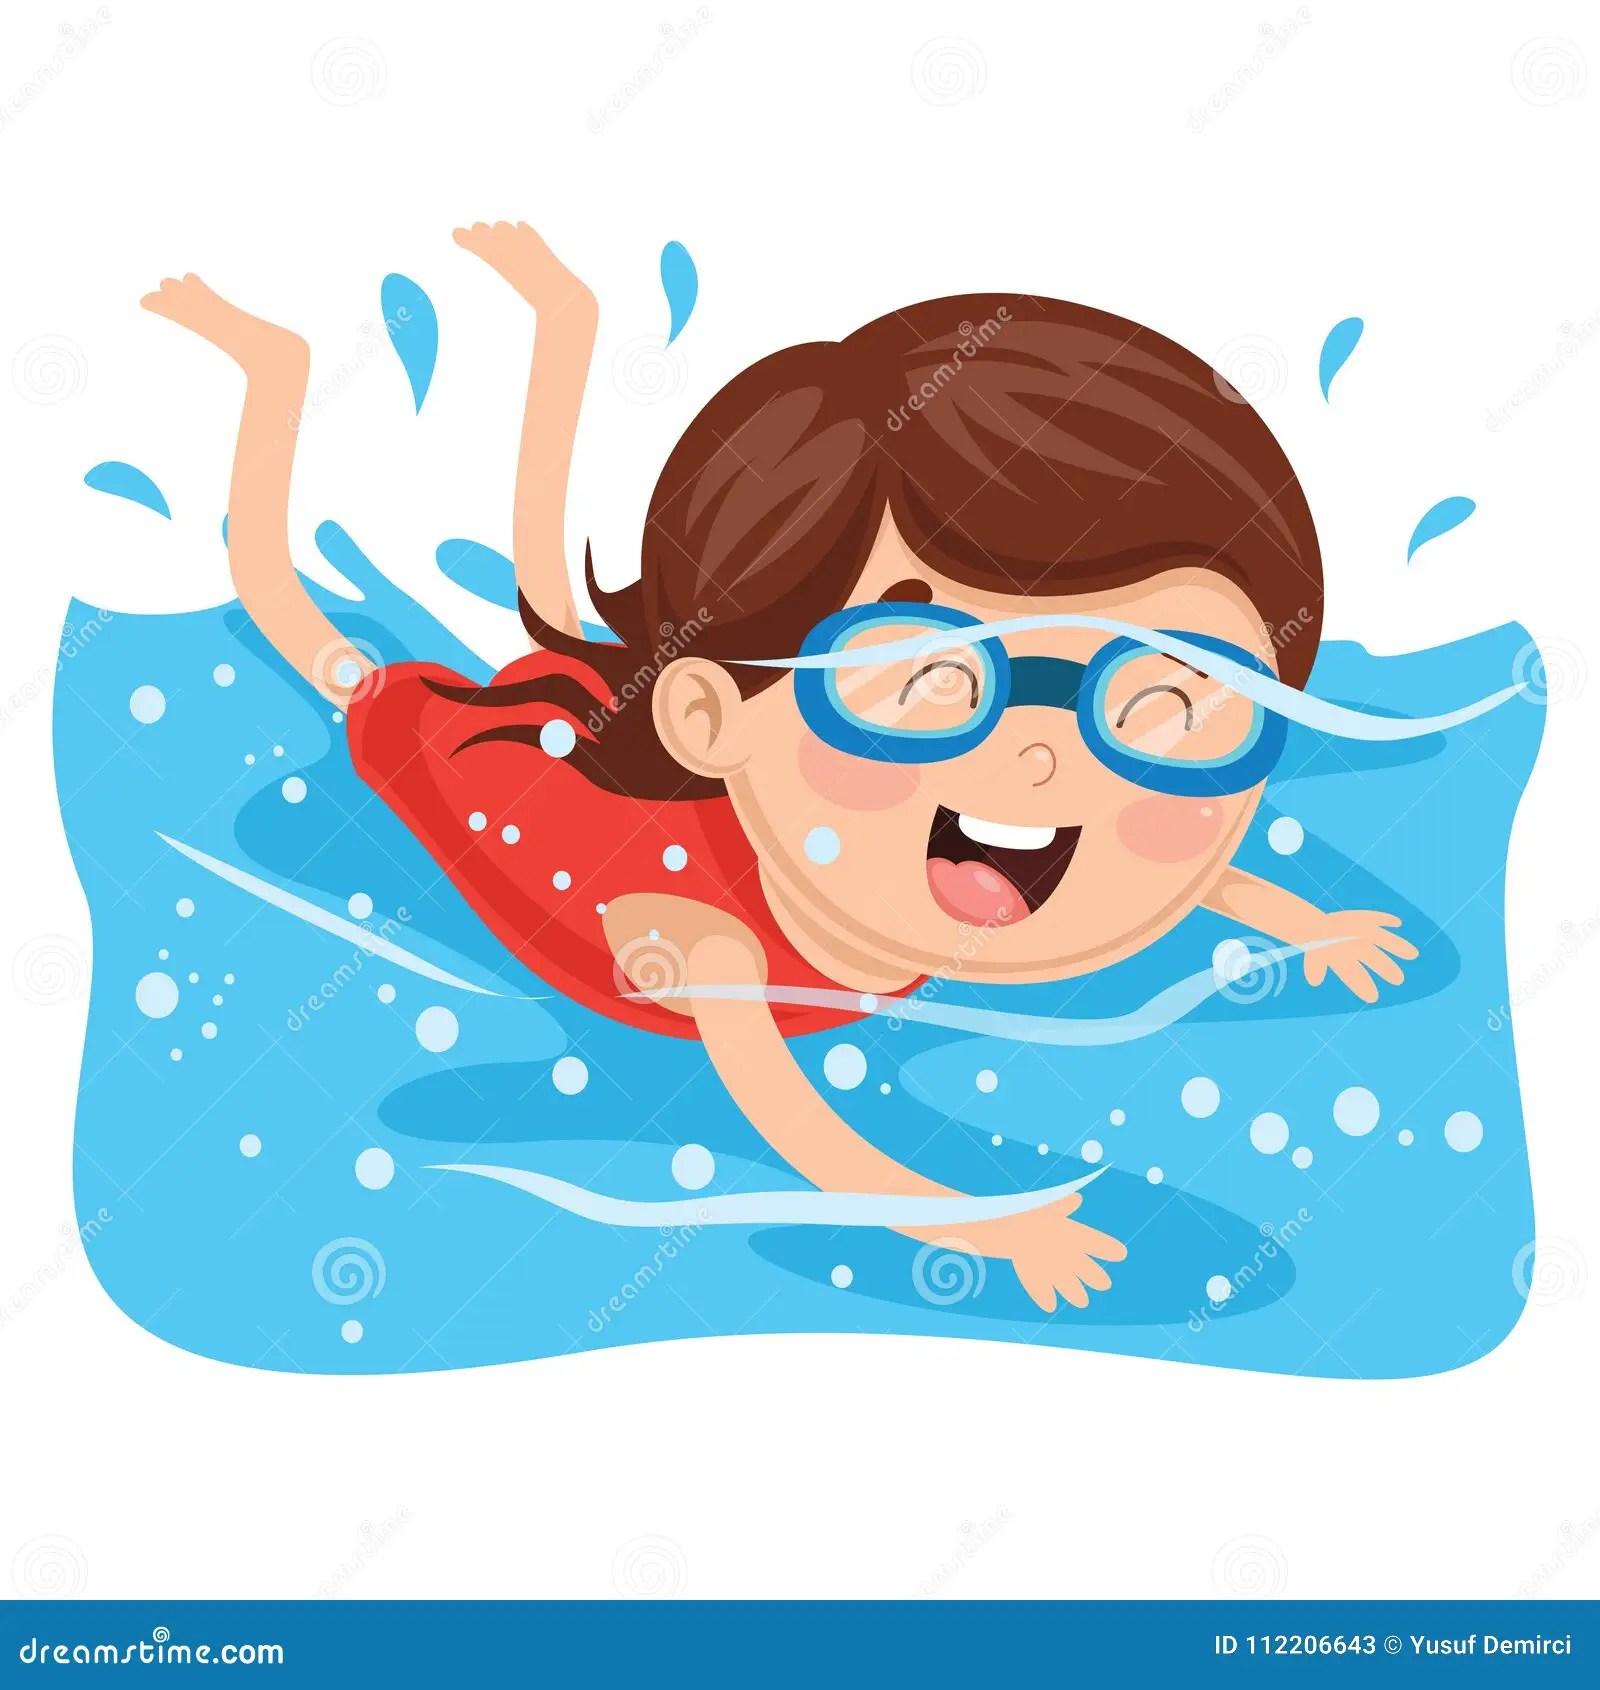 vector illustration of kid